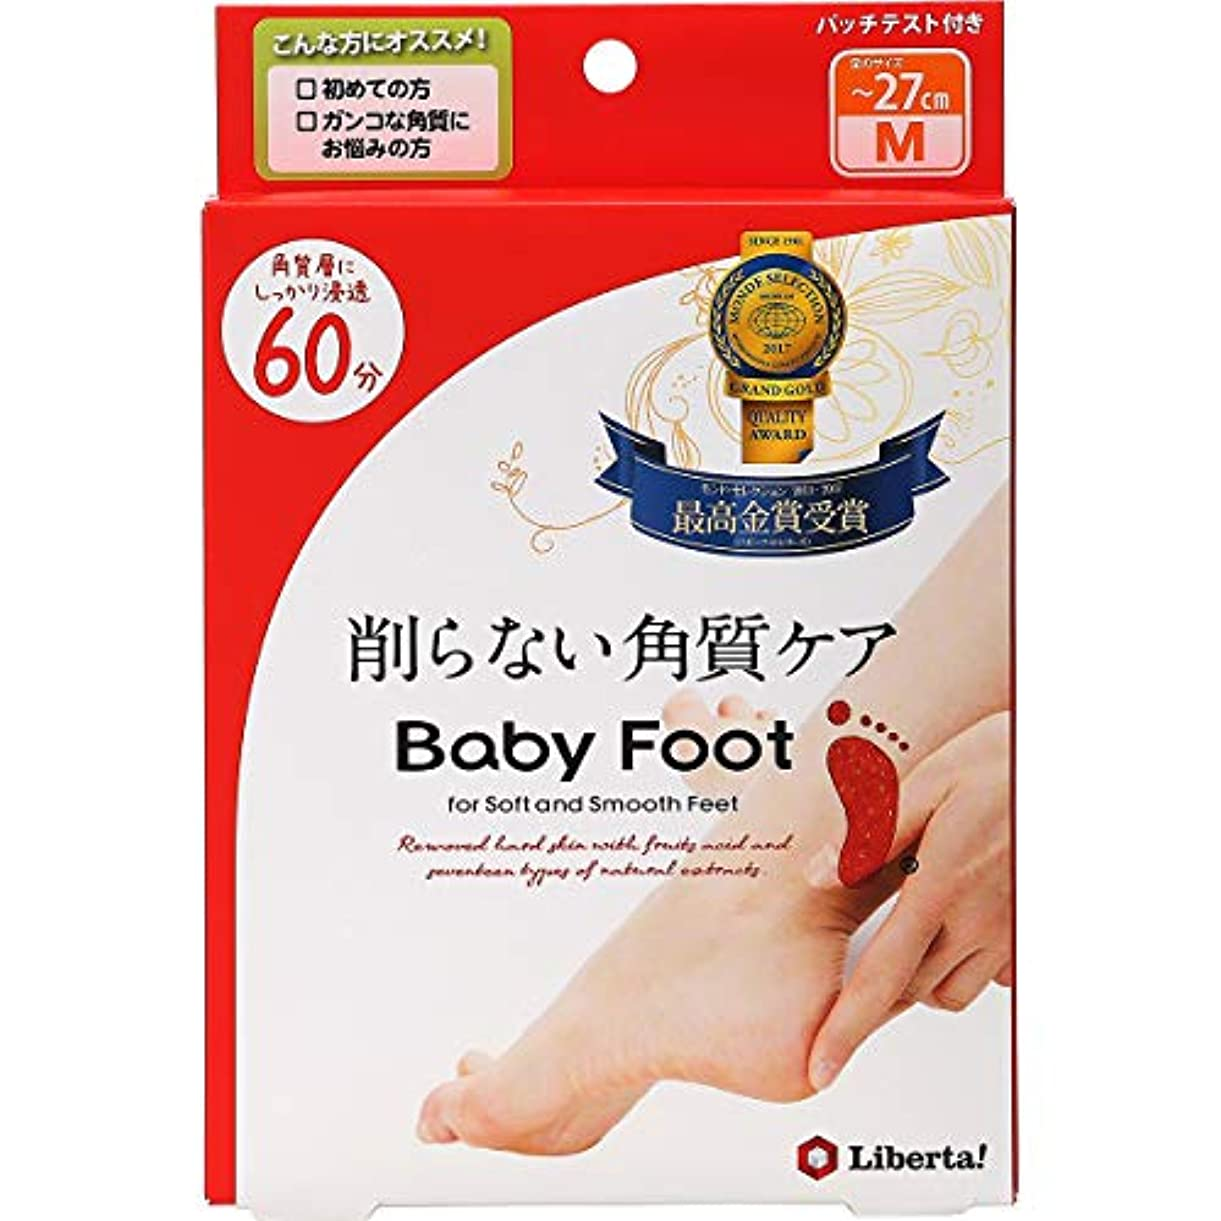 毎日ゆりかご終点ベビーフット (Baby Foot) ベビーフット イージーパック SPT60分タイプ Mサイズ 単品